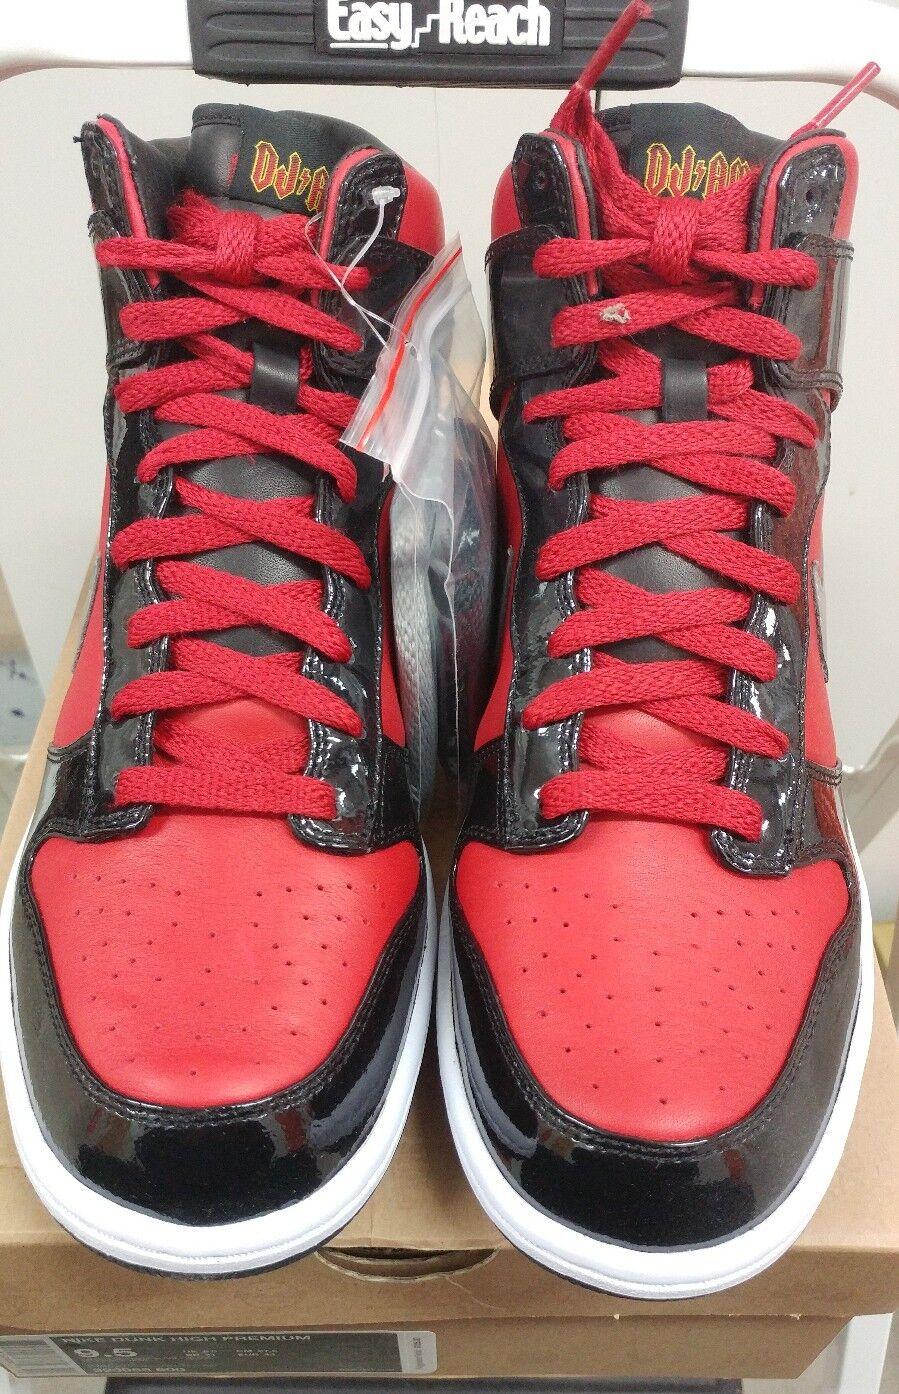 DS Nike Dunk High Premium DJ AM Rojo Fuego 323955-600 Cool Gris Negro Blanco 323955-600 Fuego 9.5 comodo y atractivo fbd567